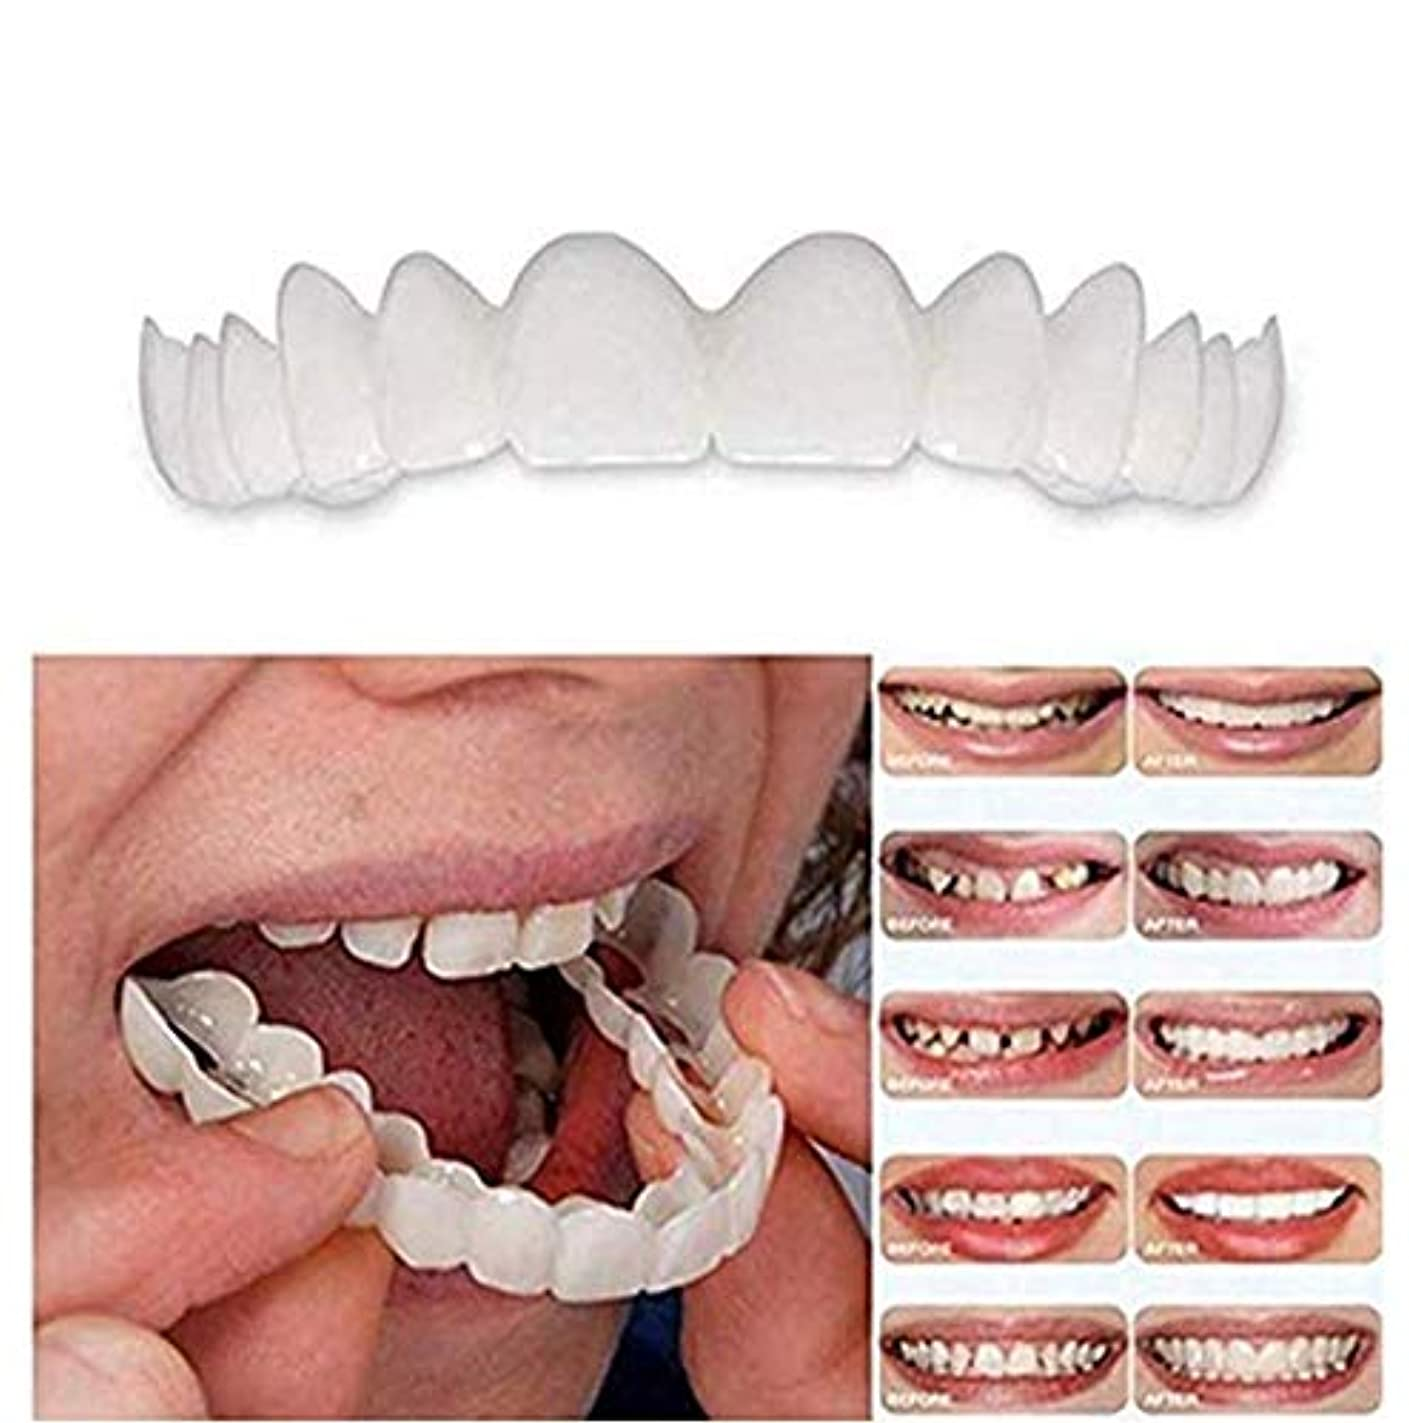 立場もちろんバルーン14セットの再利用可能な歯カバー歯科用アクセサリー用の調節可能なソフト漂白偽歯科義歯